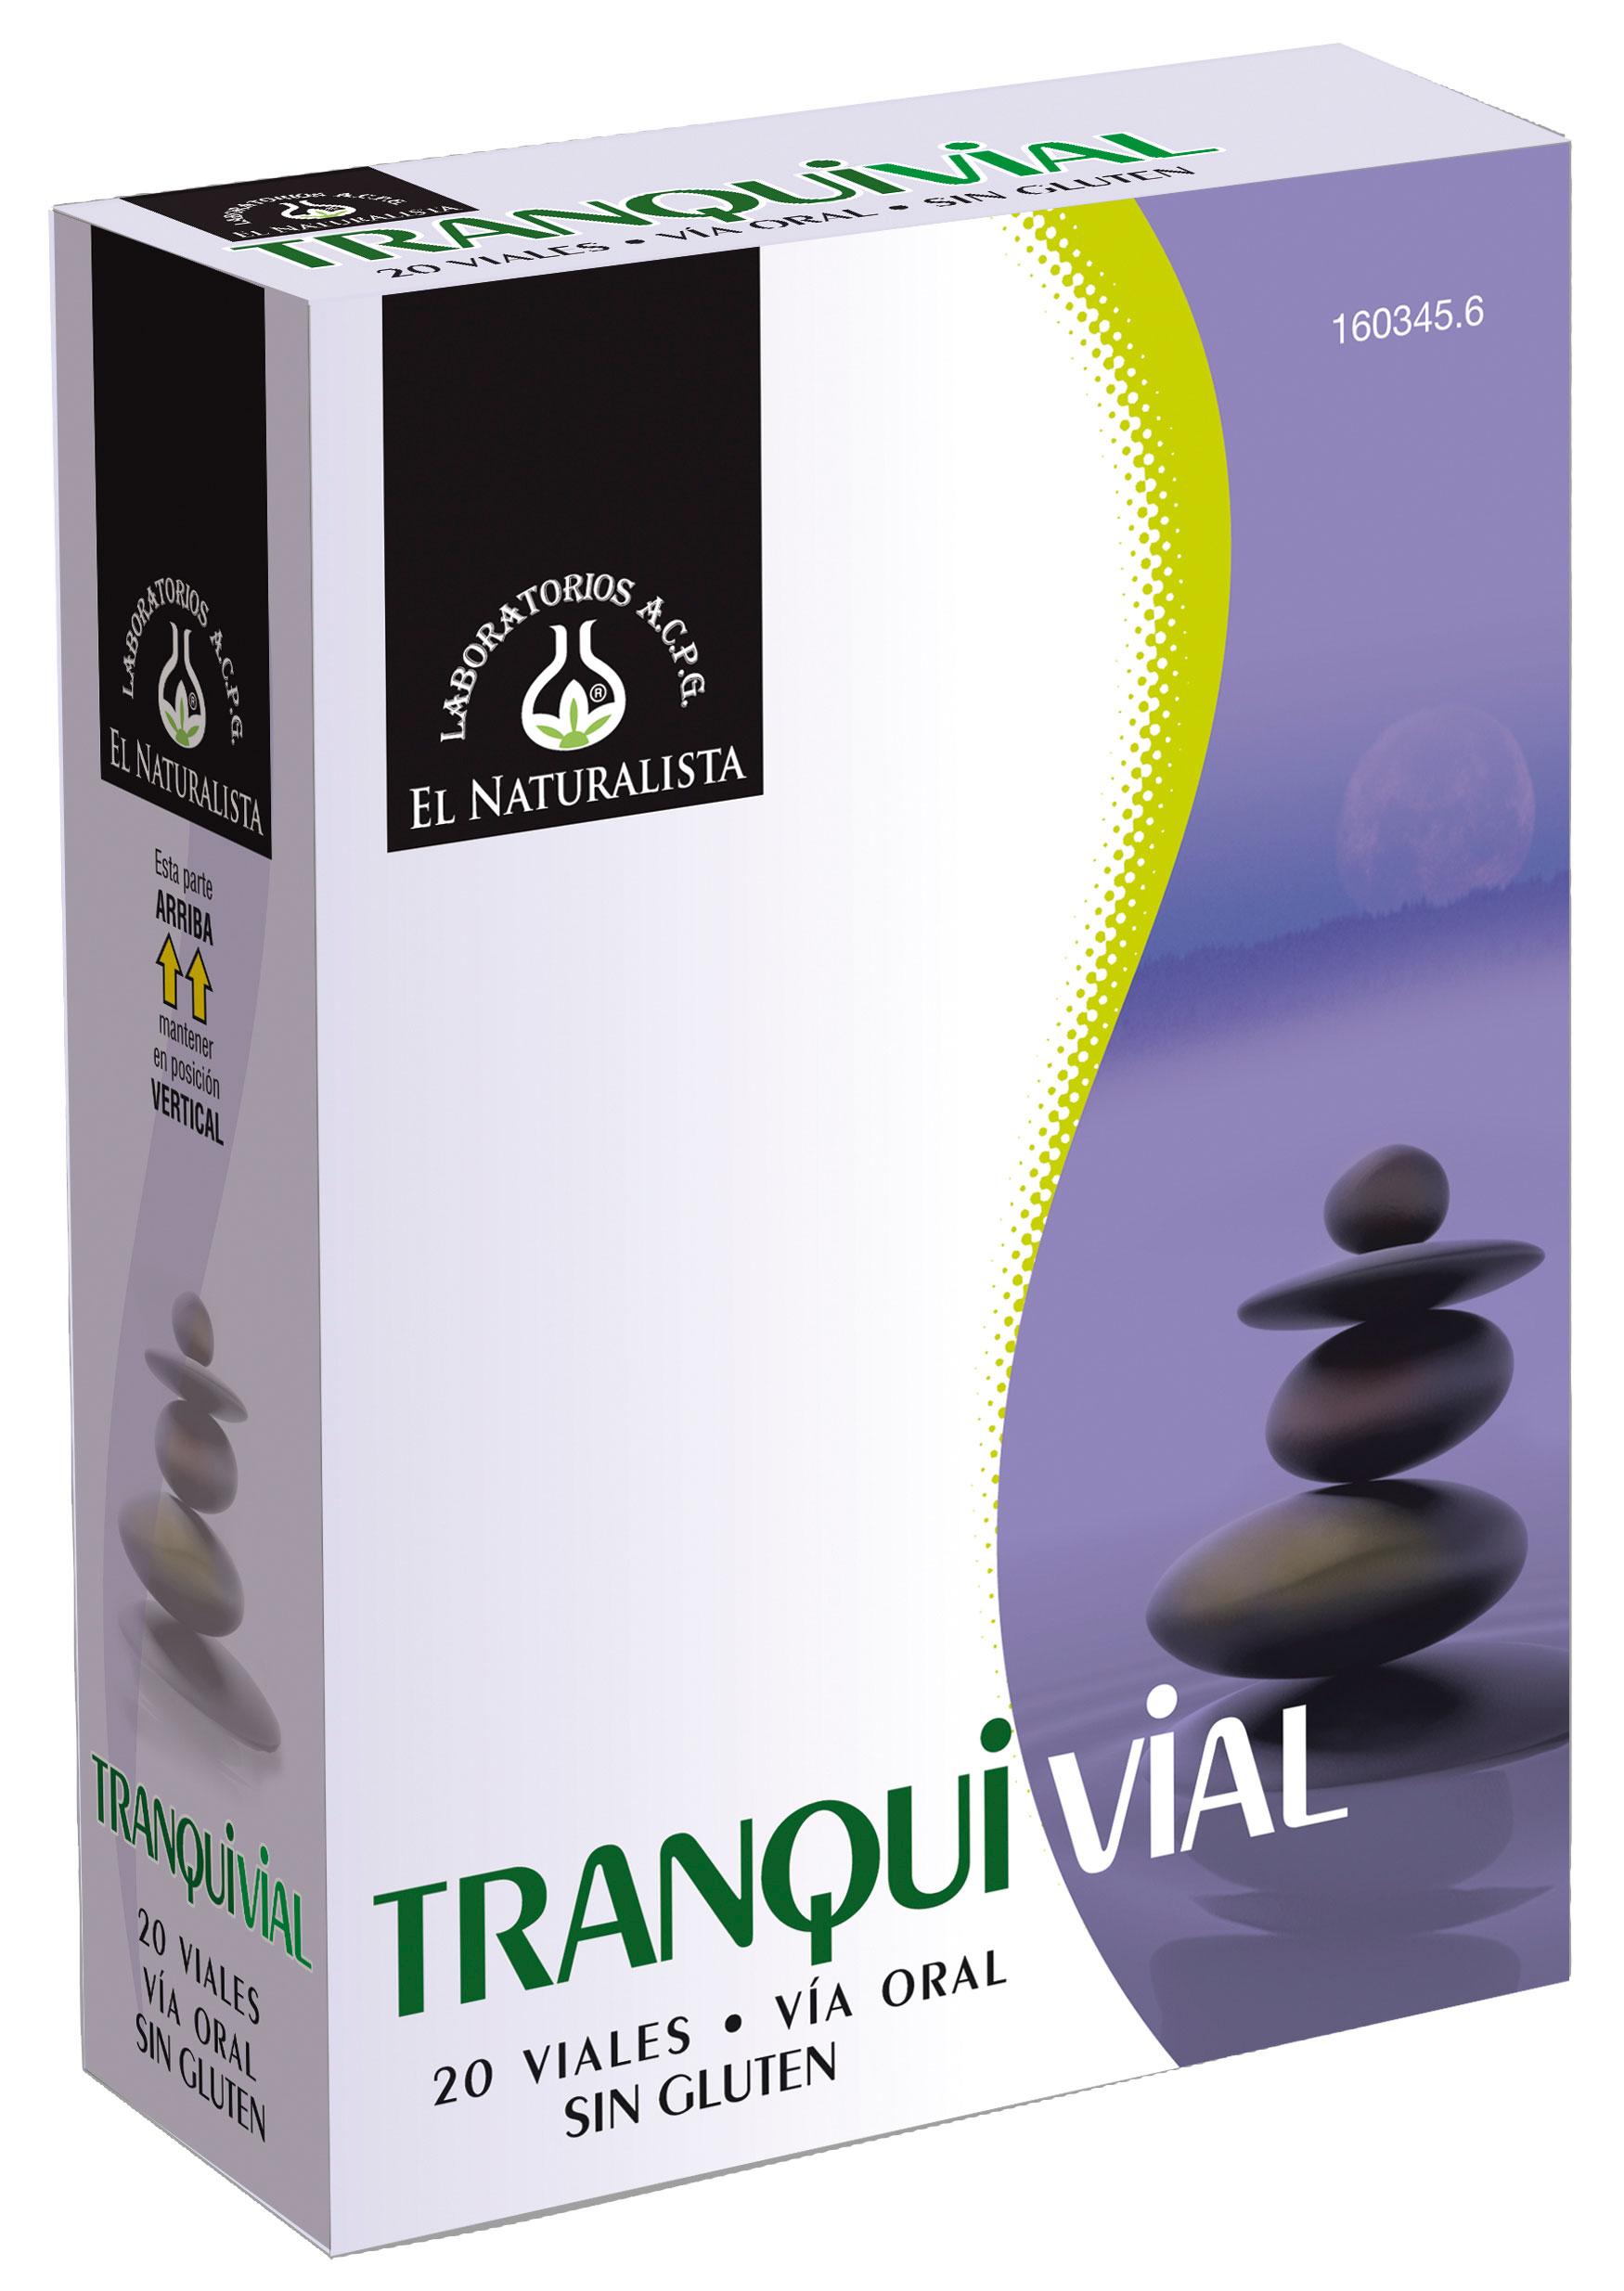 tranquivial_3D